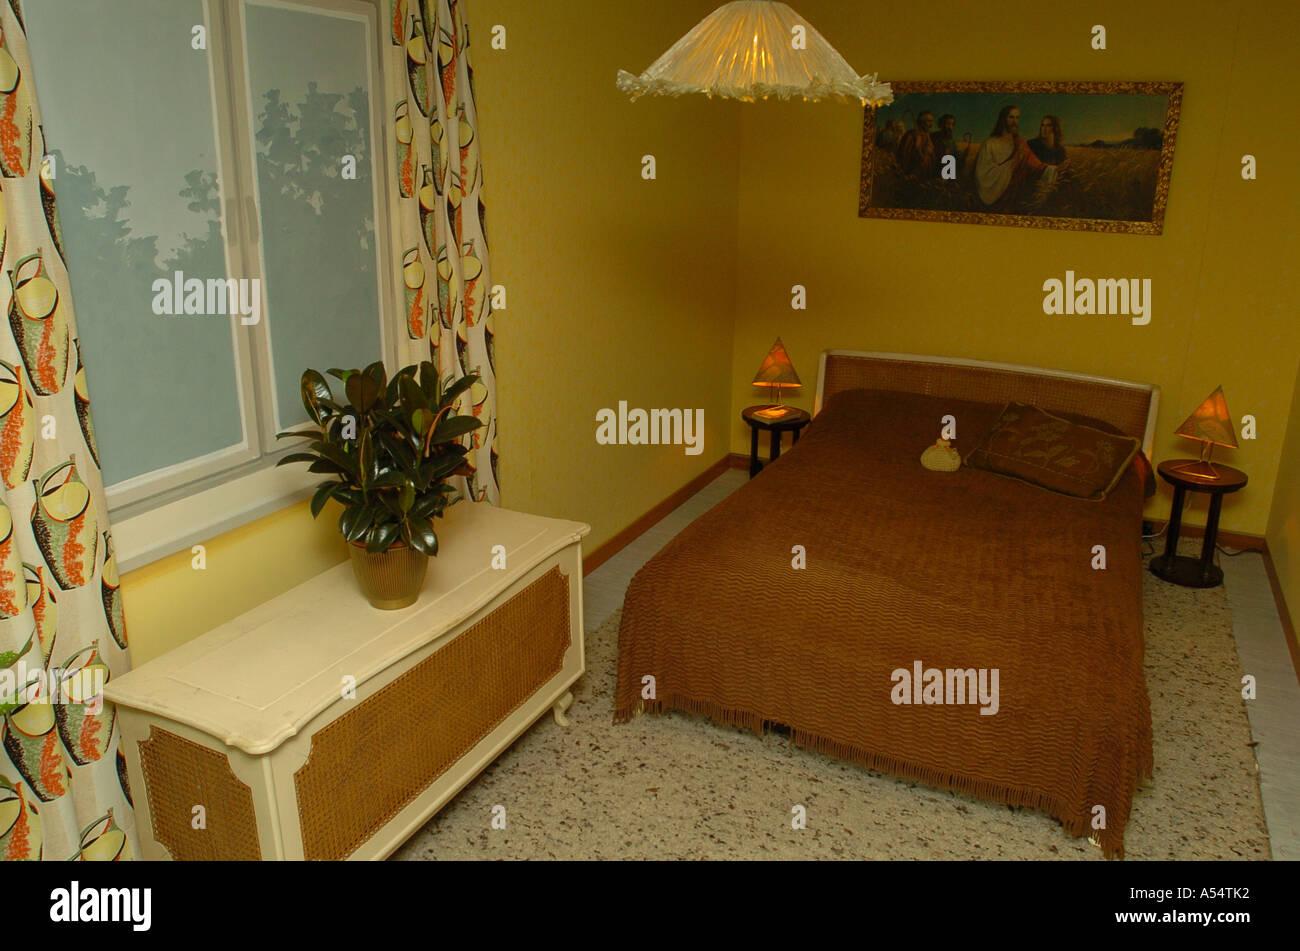 Wohnung im 50er Jahre Stil Schlafzimmer Stockfoto, Bild ...